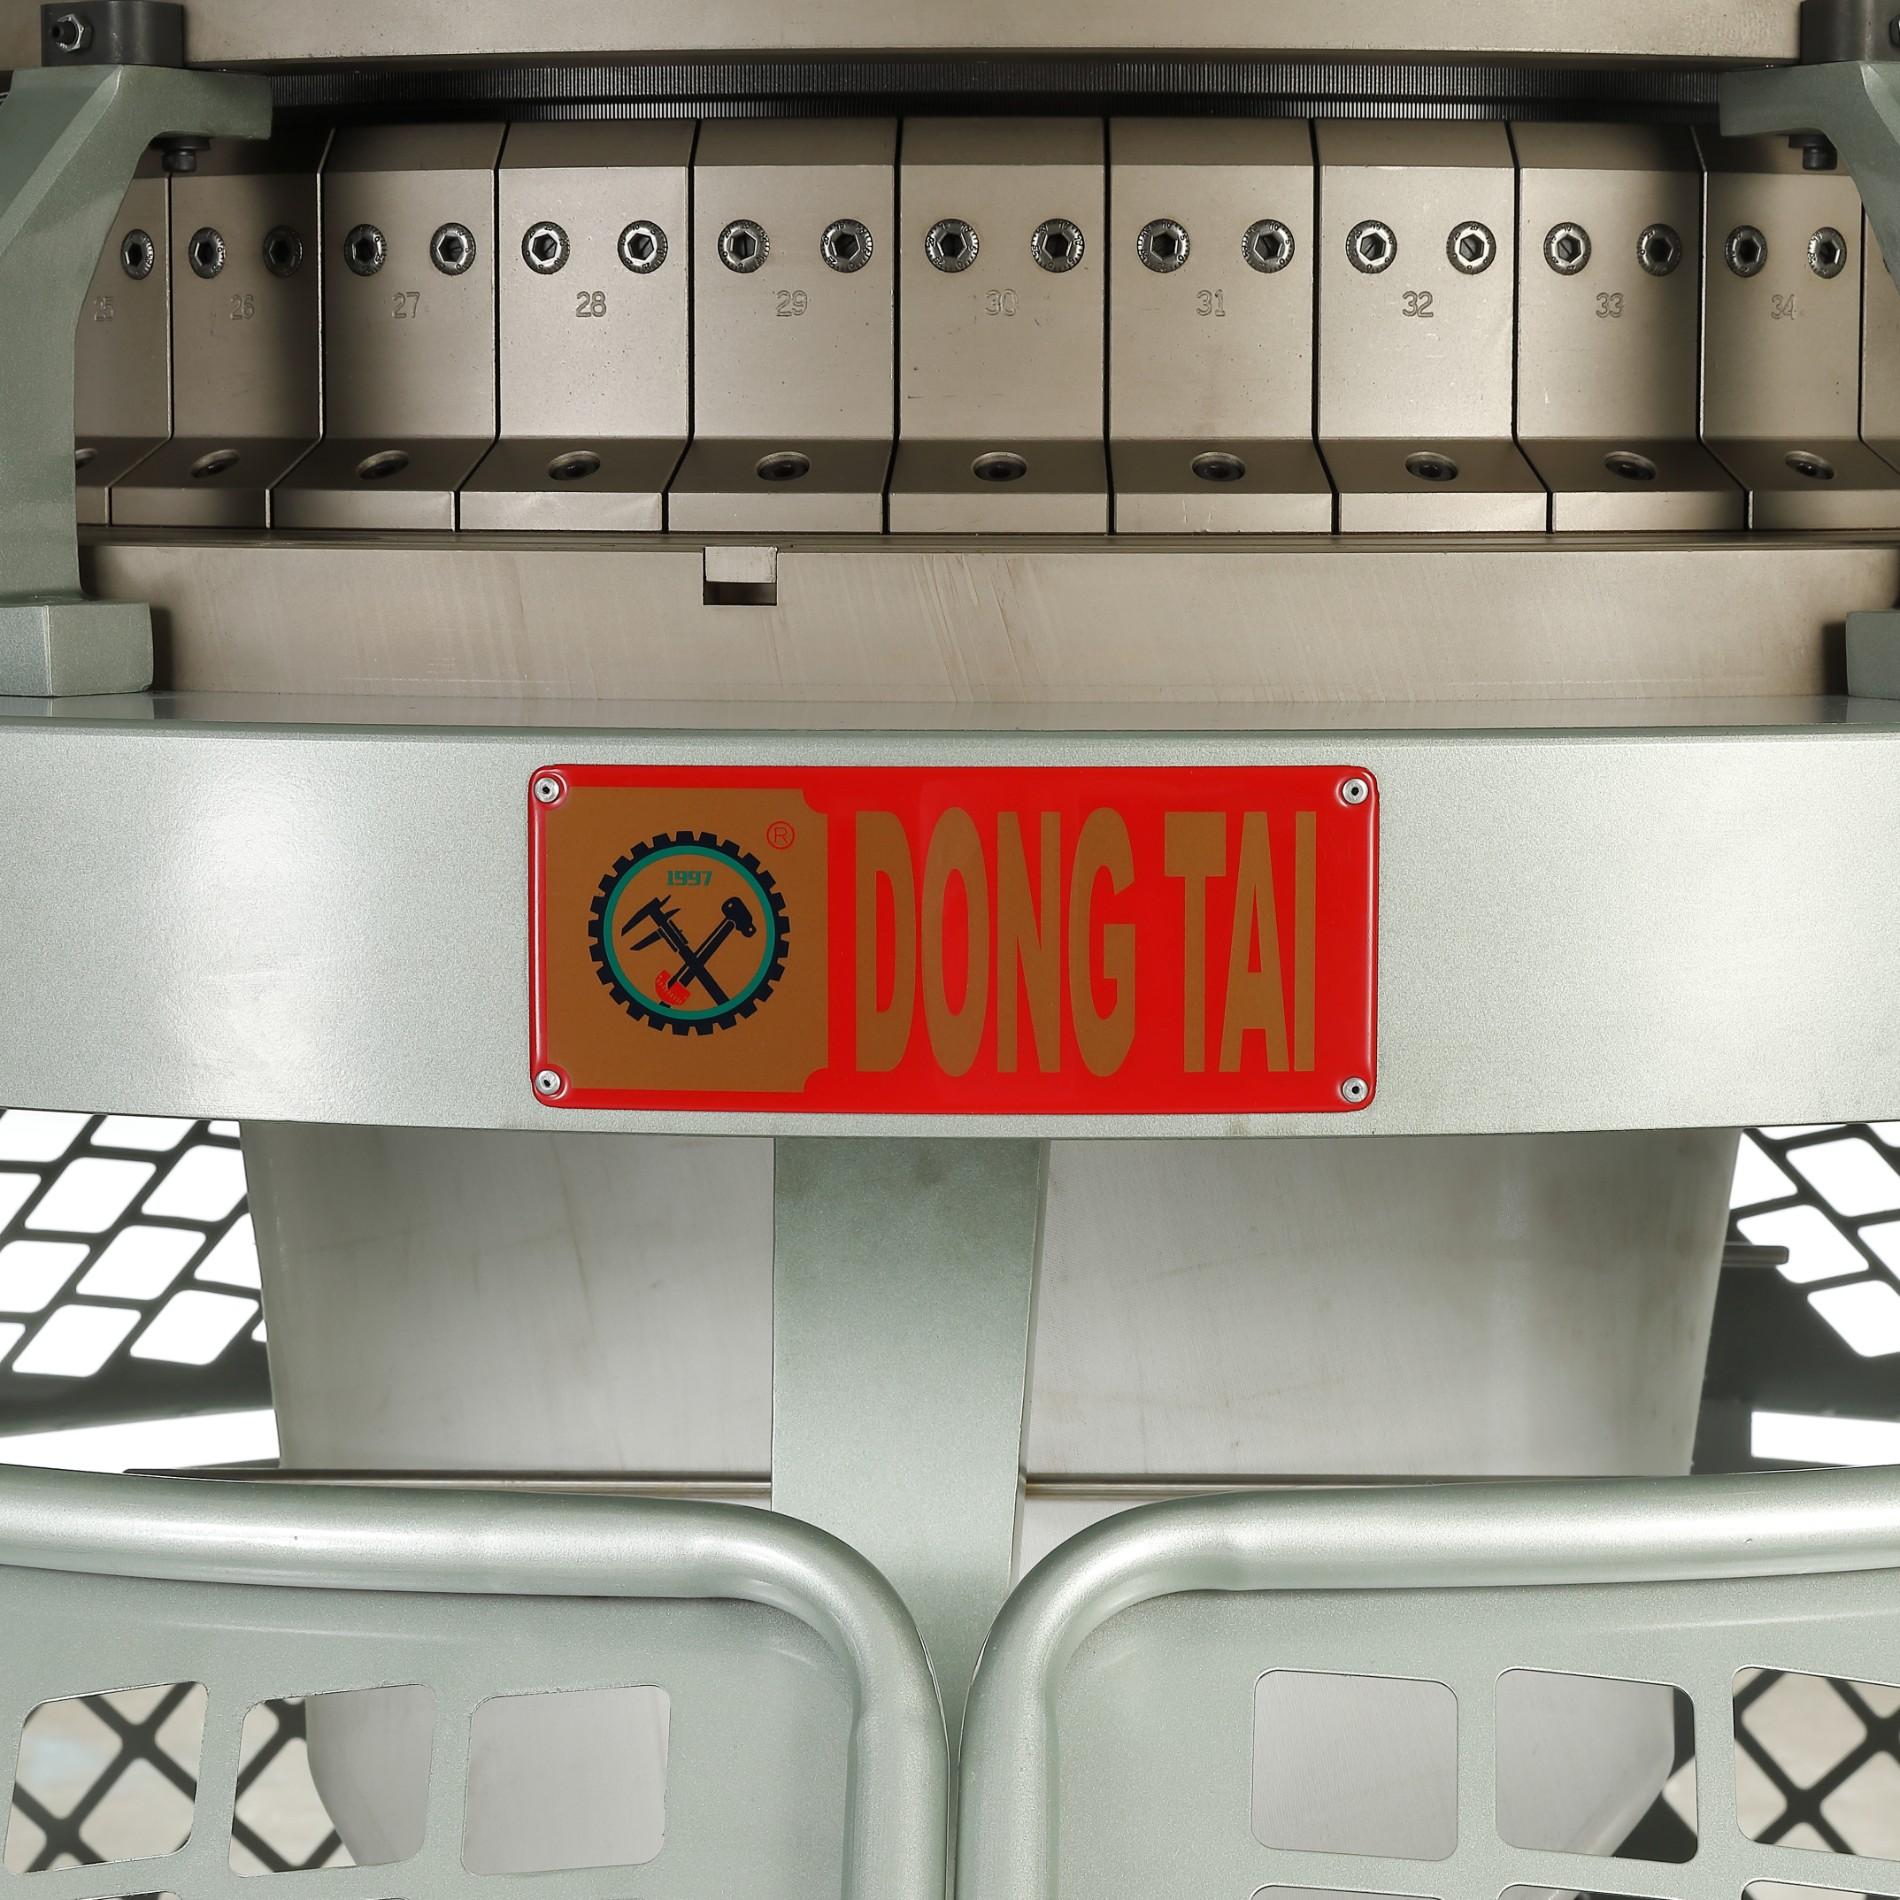 Yüksek Hızlı 3-İplikli Polar Yuvarlak Örgü Makinesi satın al,Yüksek Hızlı 3-İplikli Polar Yuvarlak Örgü Makinesi Fiyatlar,Yüksek Hızlı 3-İplikli Polar Yuvarlak Örgü Makinesi Markalar,Yüksek Hızlı 3-İplikli Polar Yuvarlak Örgü Makinesi Üretici,Yüksek Hızlı 3-İplikli Polar Yuvarlak Örgü Makinesi Alıntılar,Yüksek Hızlı 3-İplikli Polar Yuvarlak Örgü Makinesi Şirket,